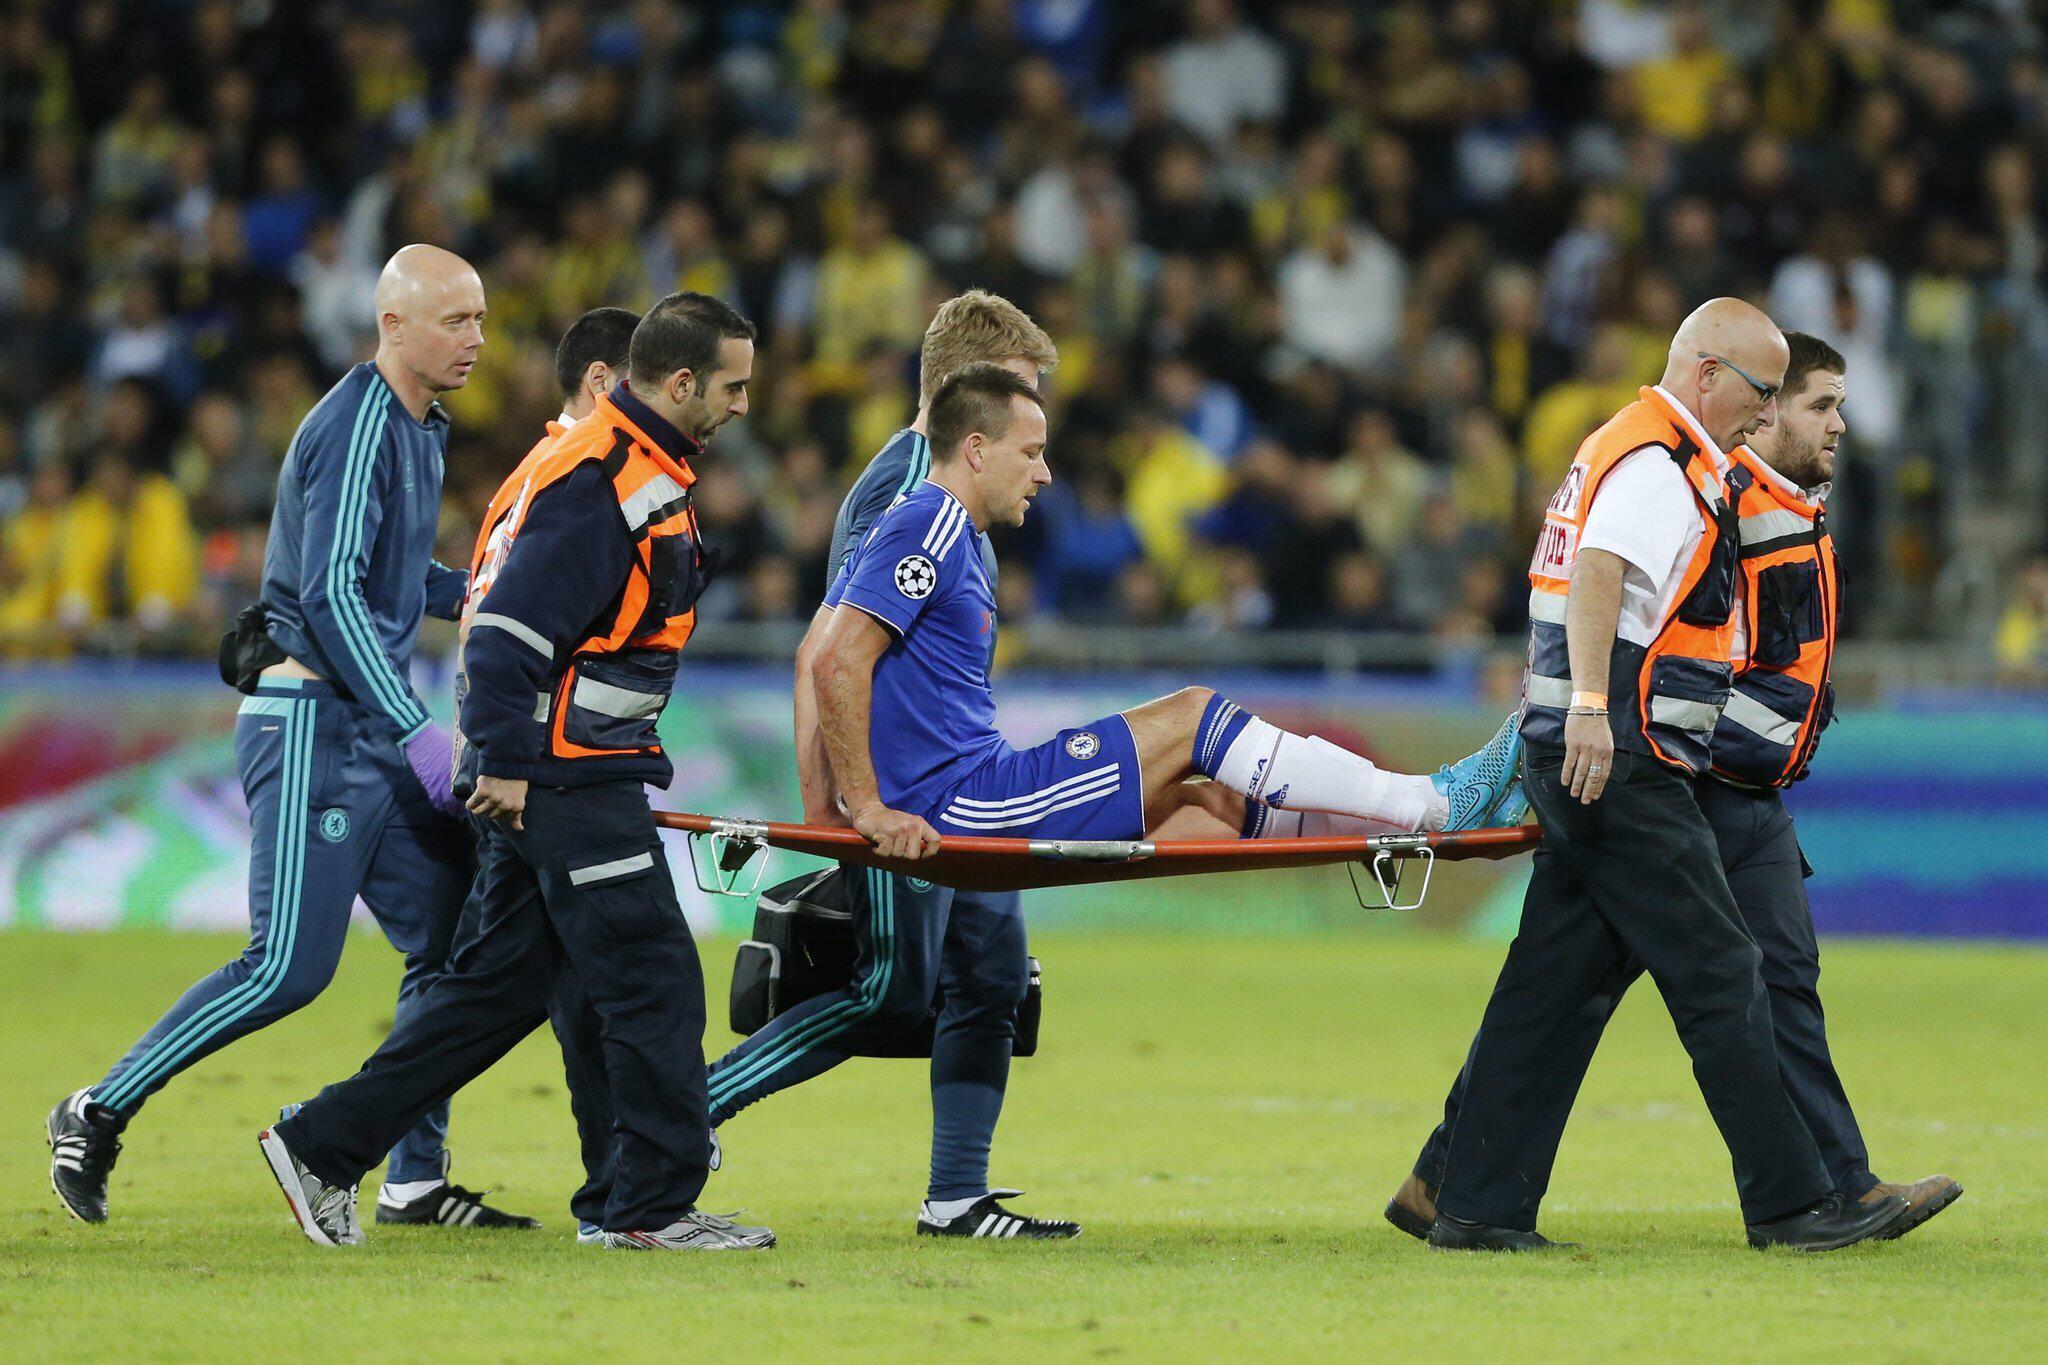 Bild zu Verletzter Fussballer wird vom Platz getragen